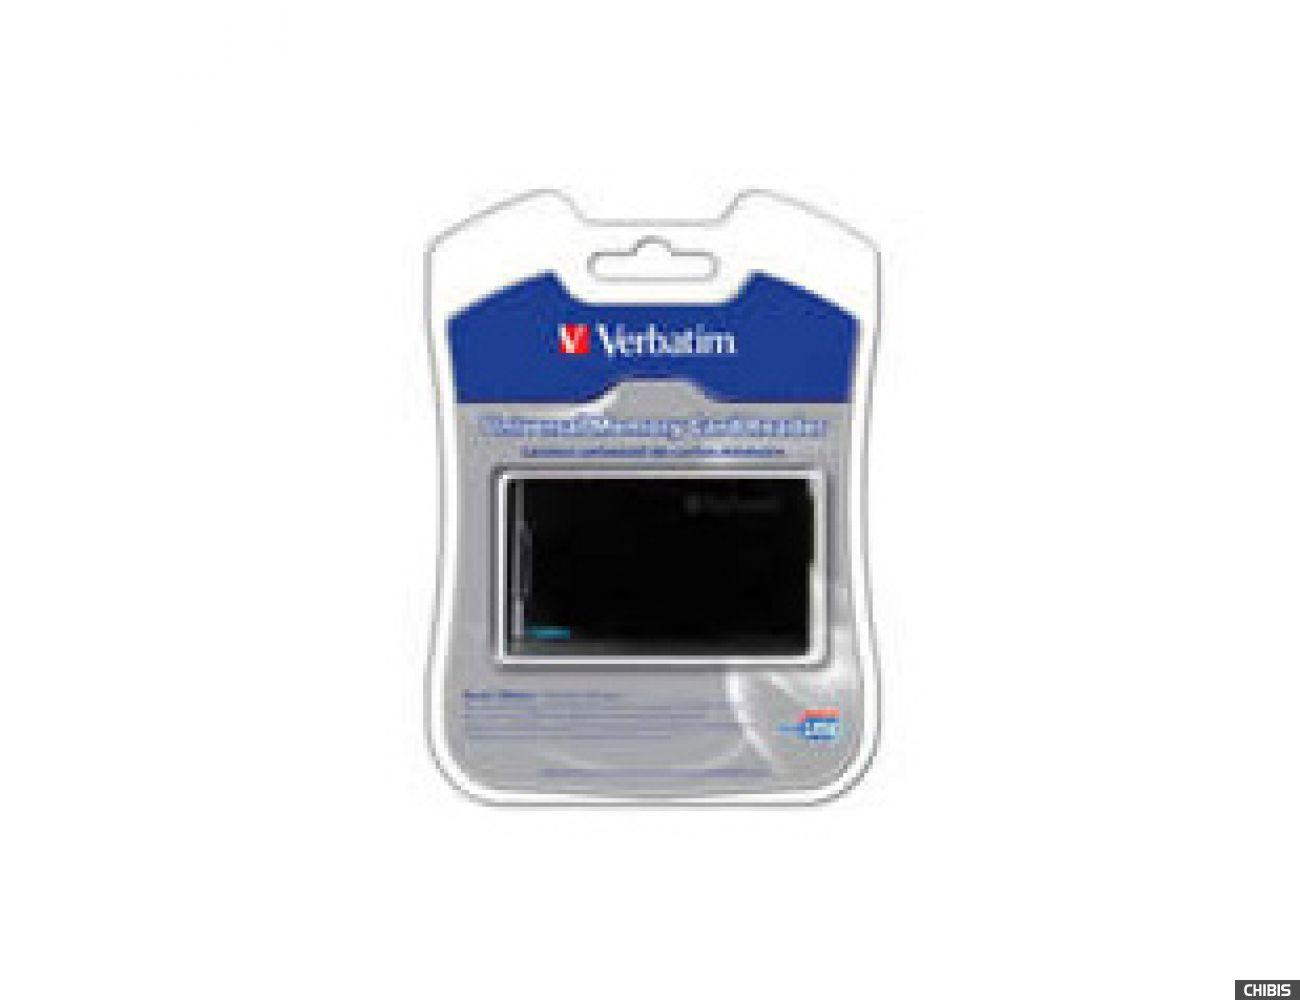 Кардридер Verbatim HI-SPEED UNIVERSAL USB 2.0 (47262)